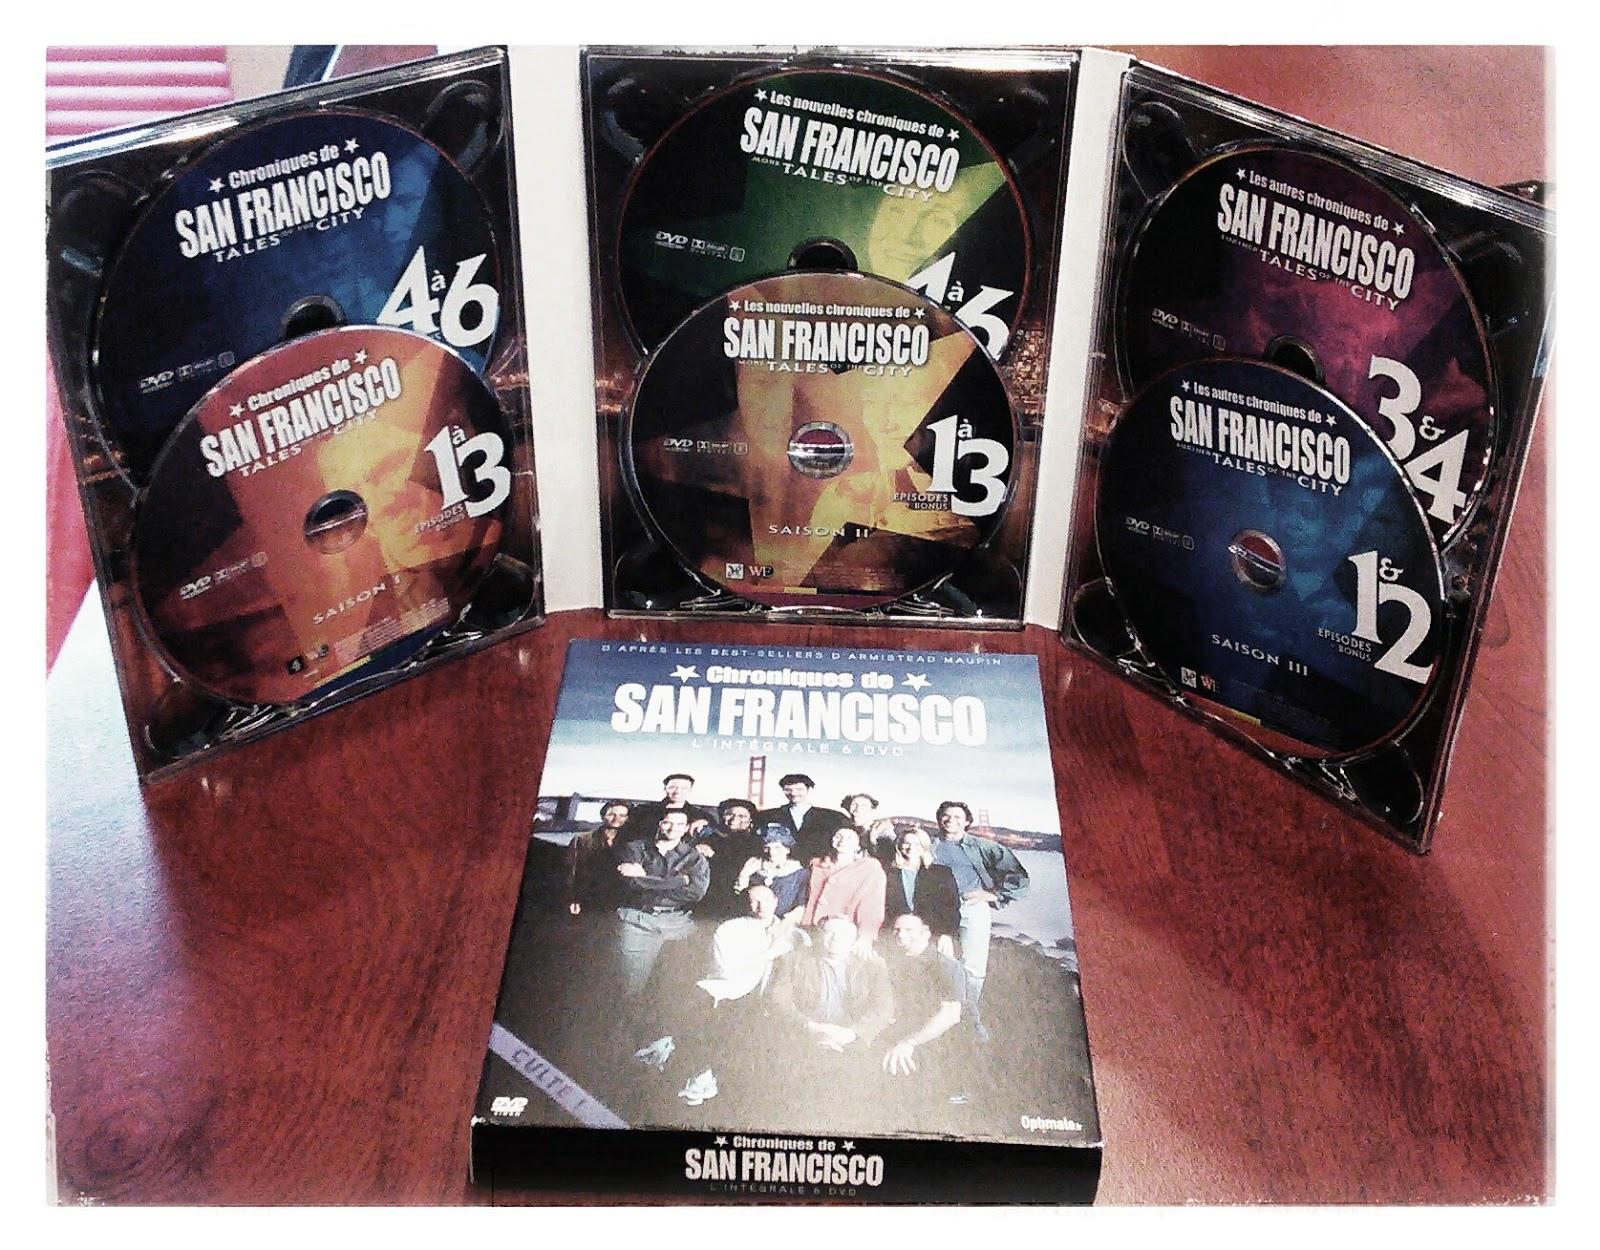 Les chroniques de San Francisco - la série - saisons 1-2-3 dvd